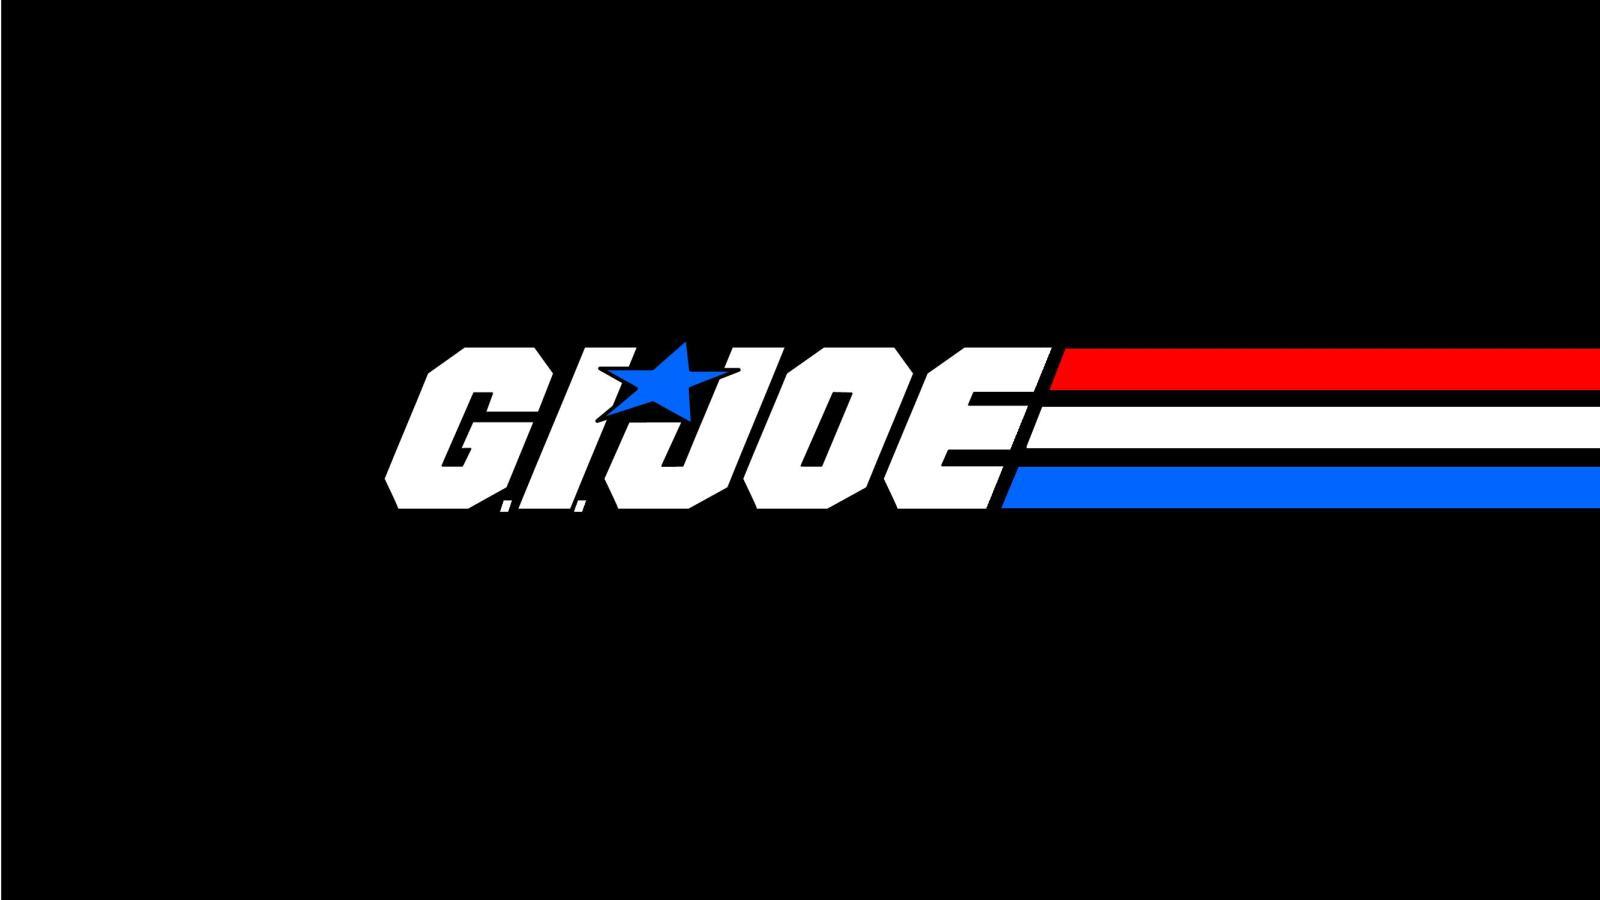 gi joe wallpaper logo - photo #2